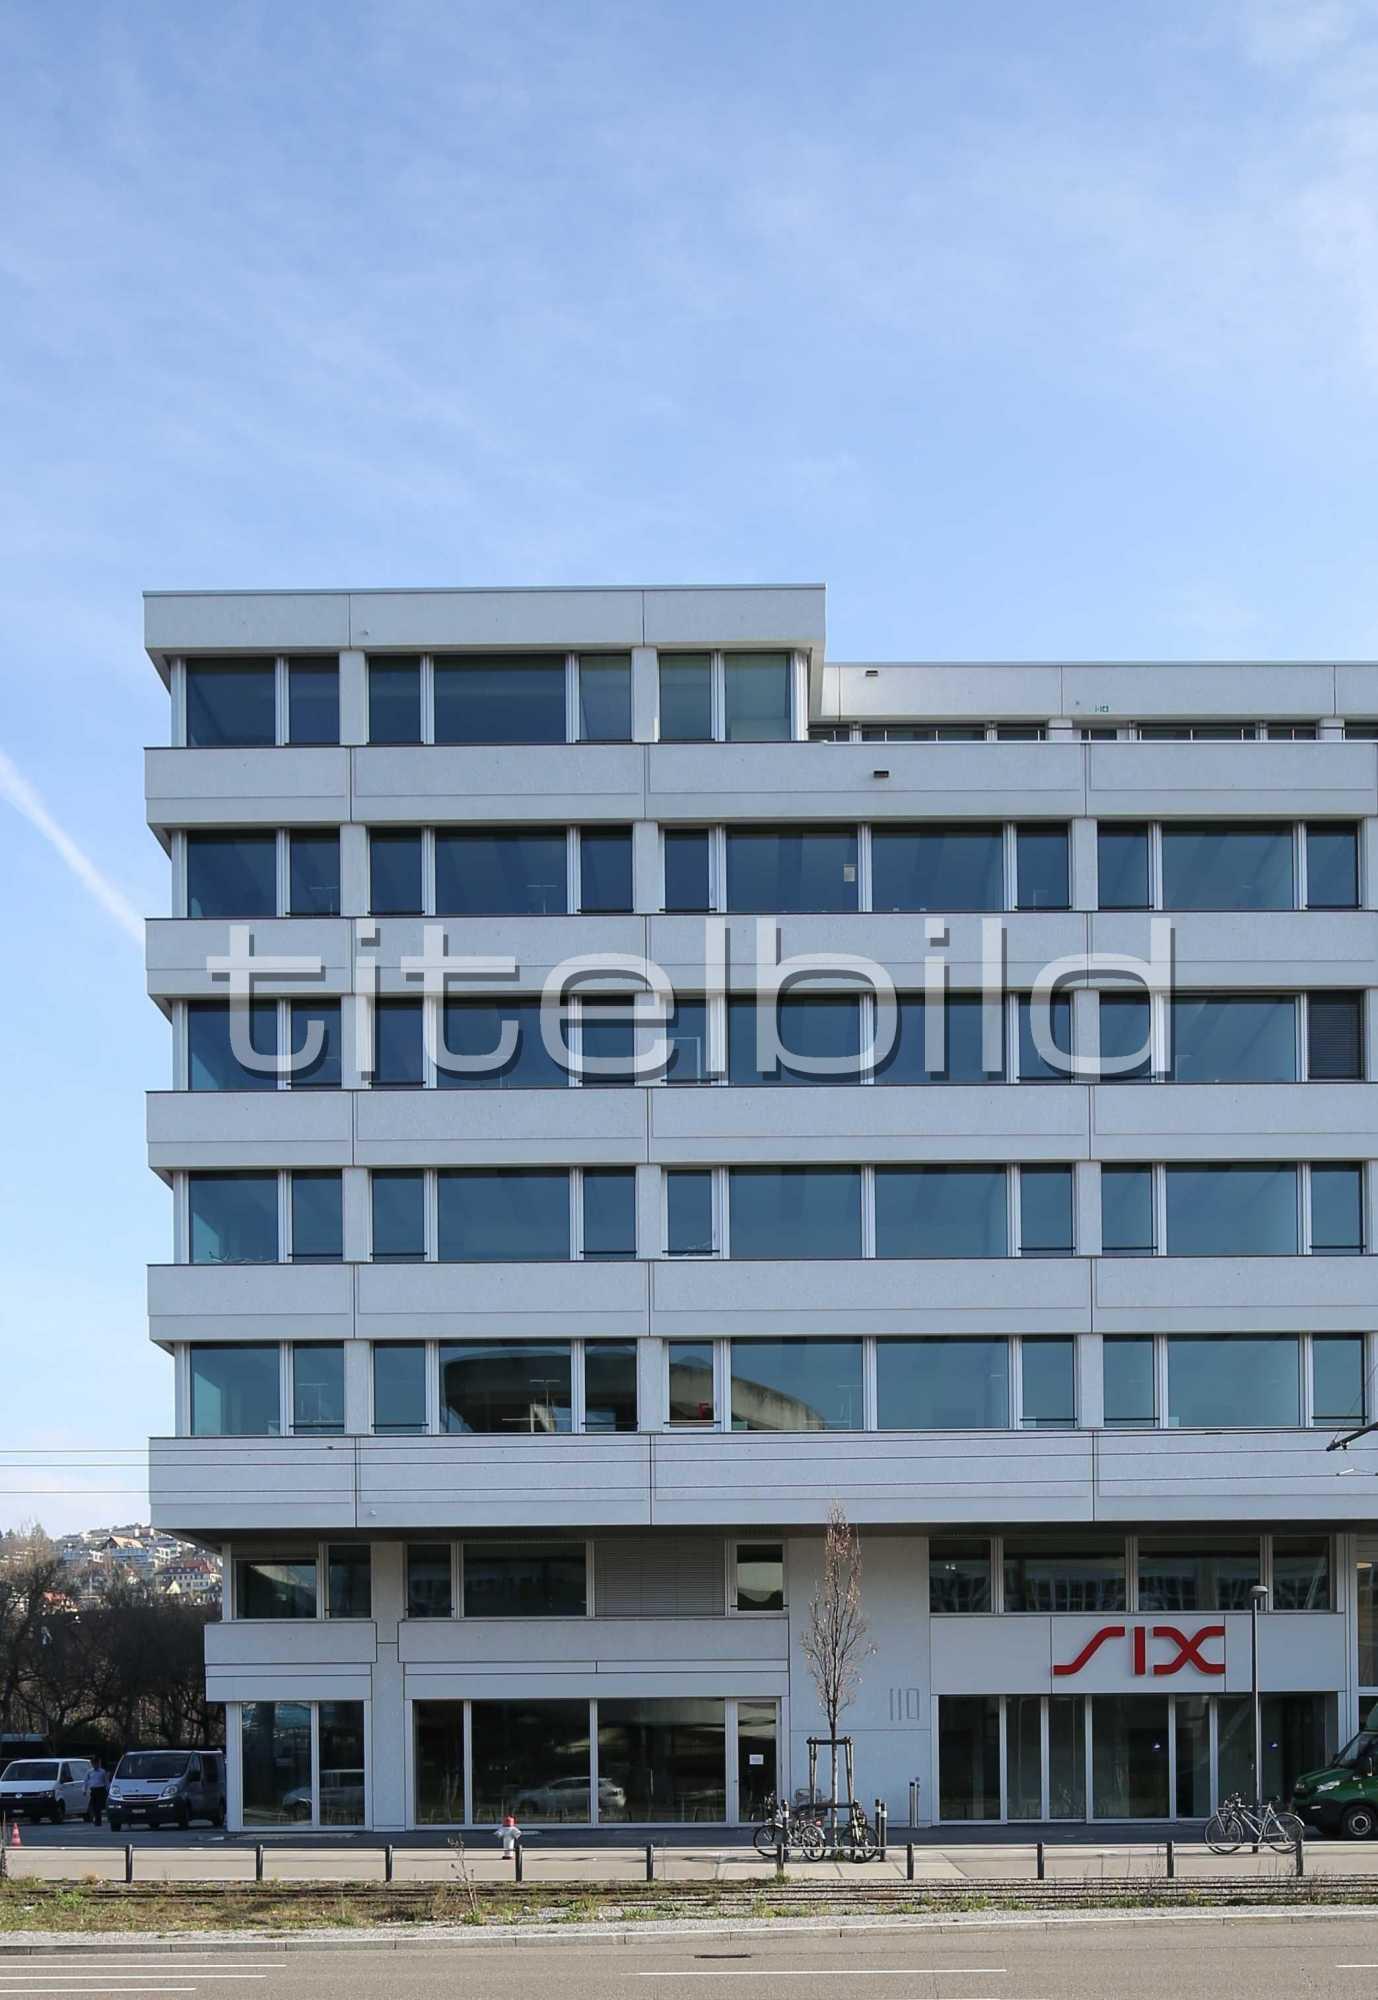 Projektbild-Nr. 4: Hard Turm Park, Baufeld A1